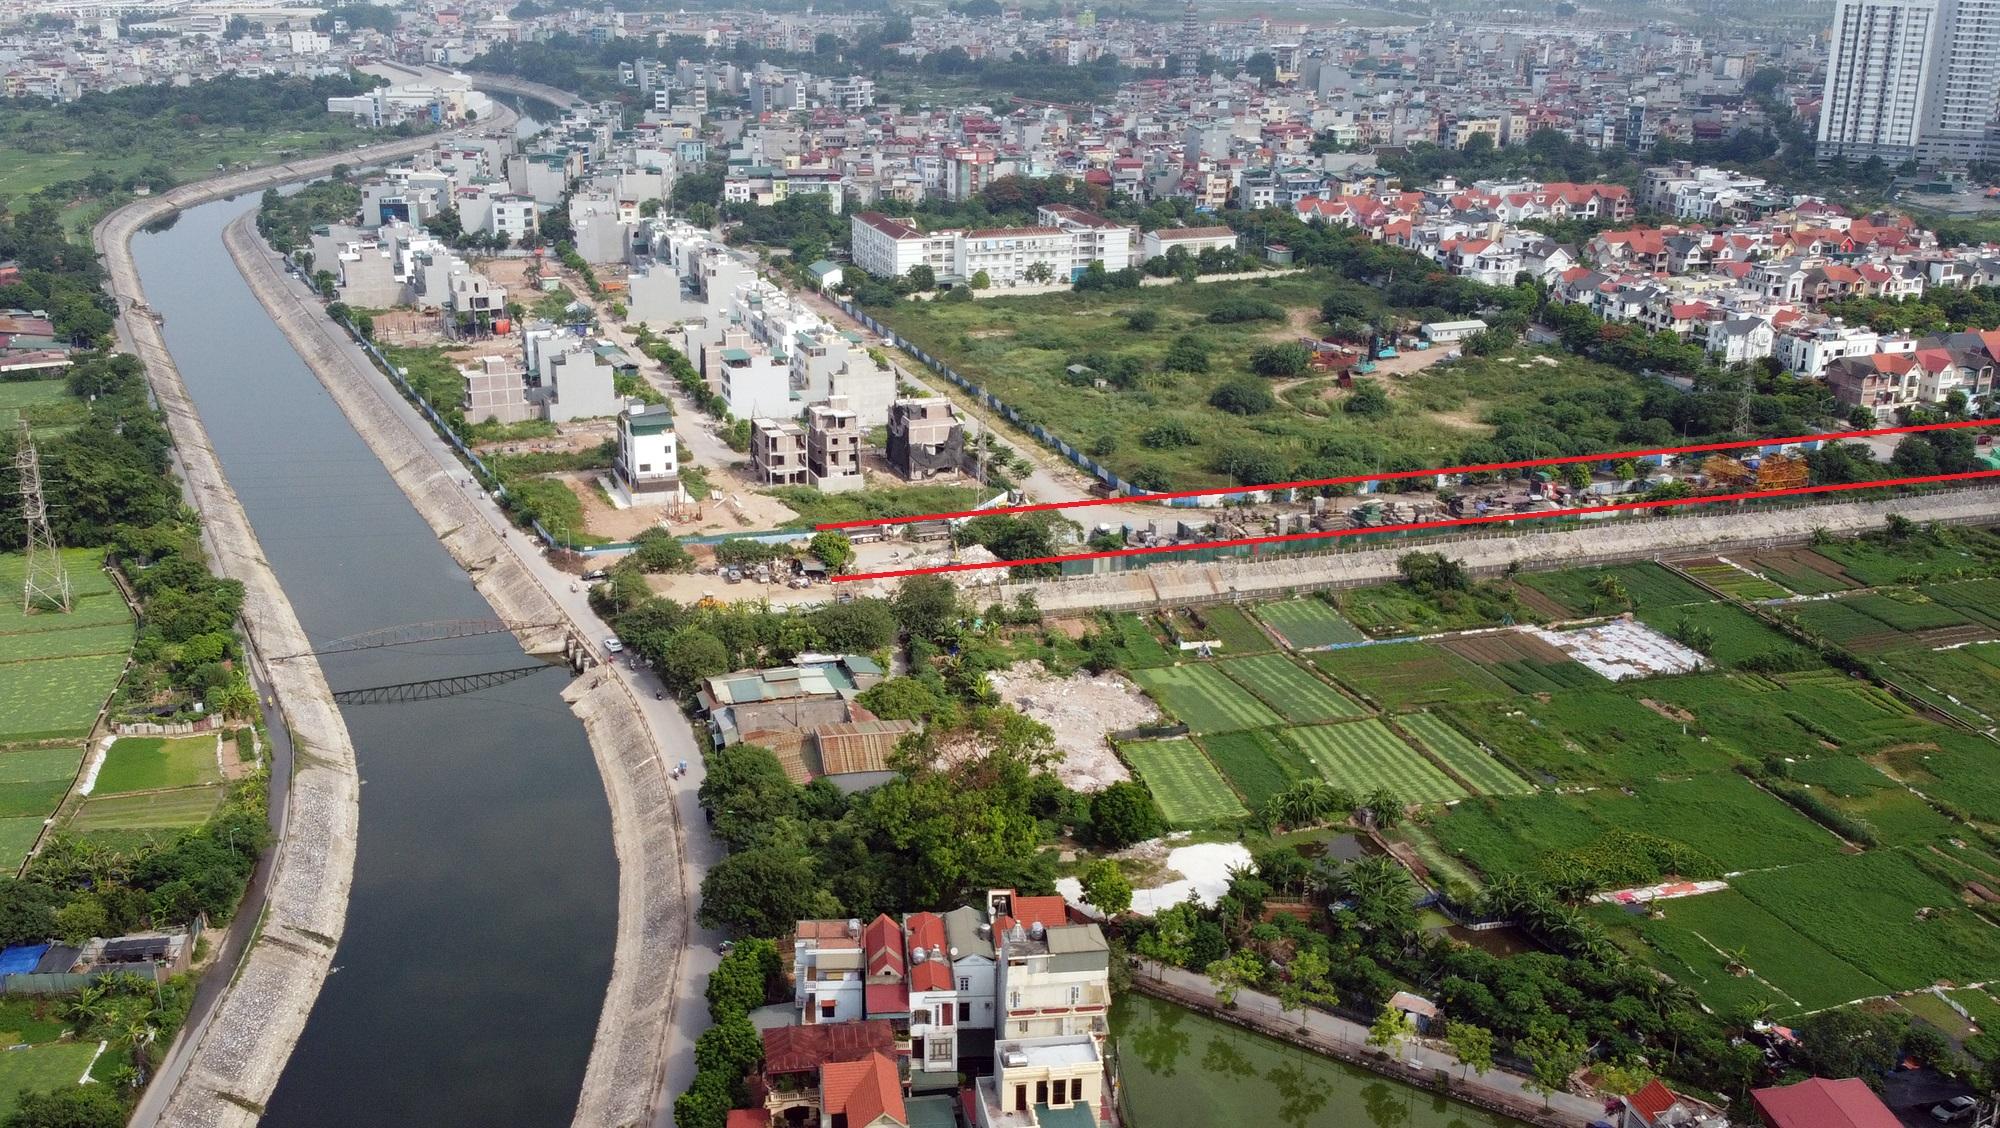 Ba đường sẽ mở theo qui hoạch ở phường Hoàng Liệt, Hoàng Mai, Hà Nội - Ảnh 4.